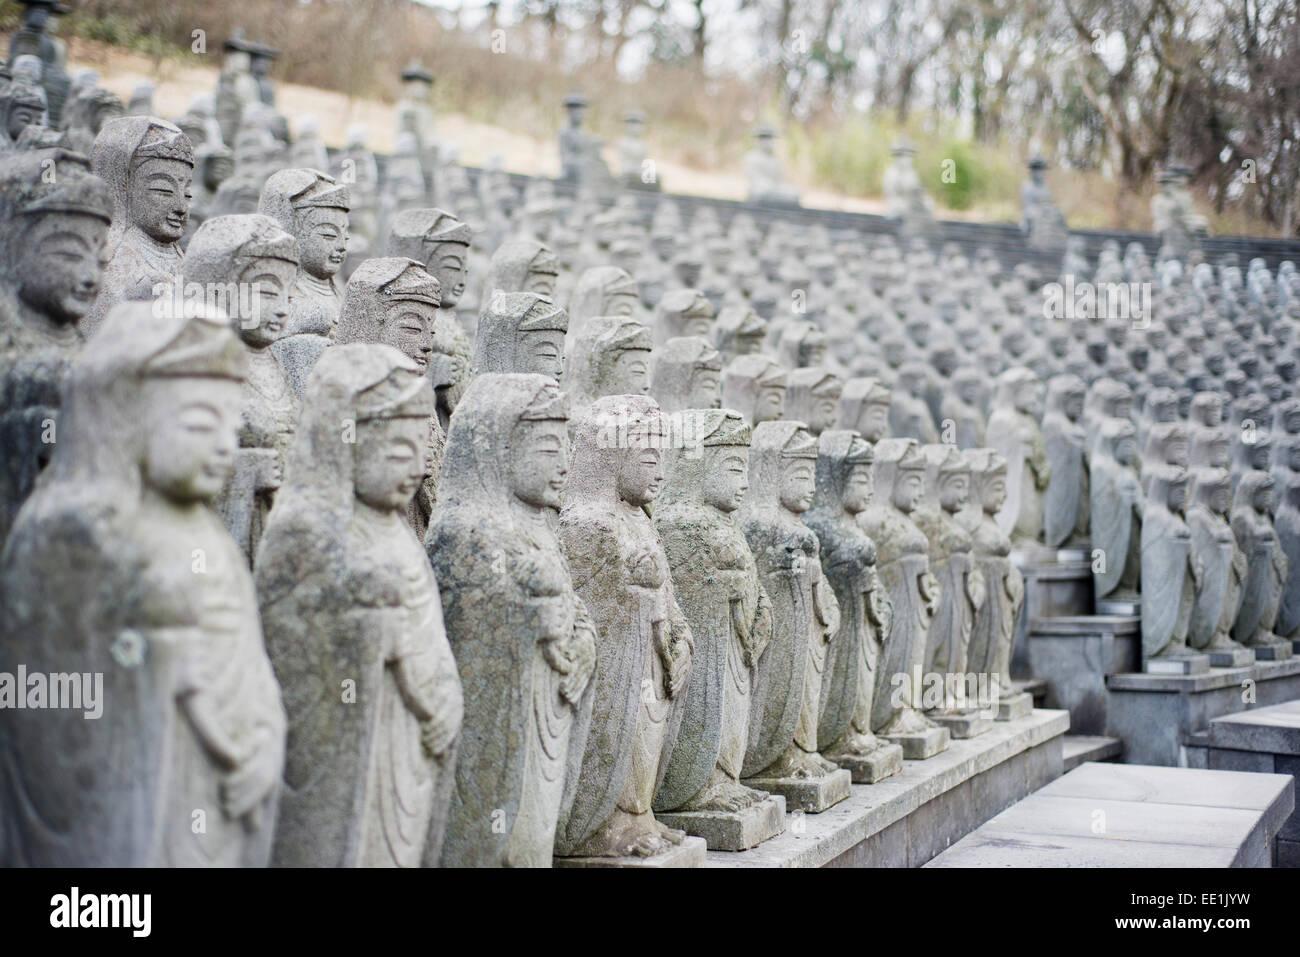 Statuen, wiederaufgebaut buddhistischen Tempel, Insel Jeju, Südkorea, Asien Stockbild